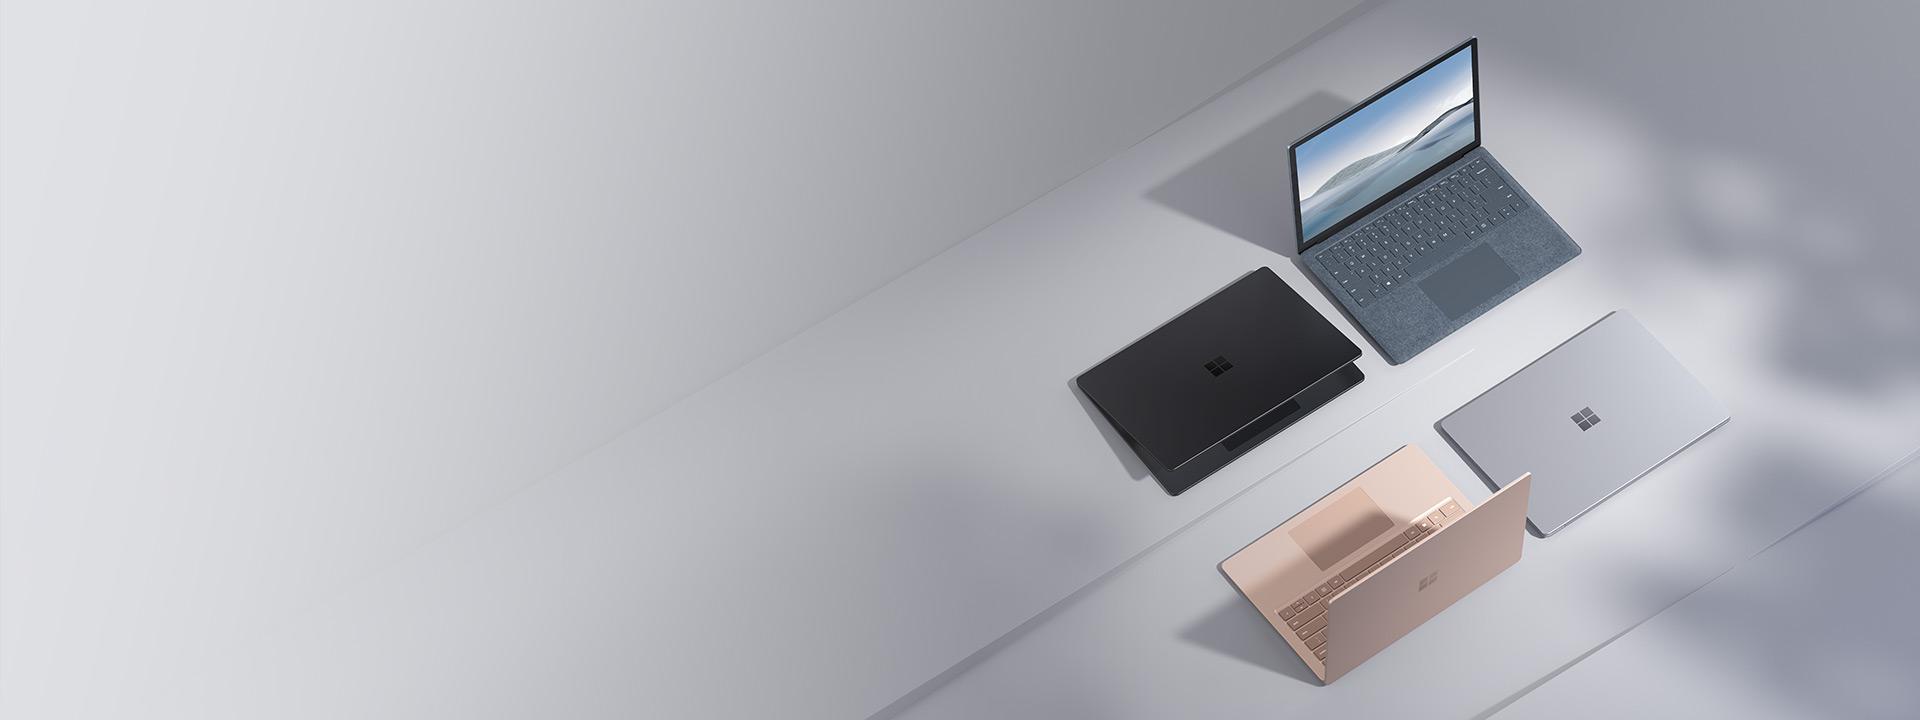 從上方順時針展示 Alcantara 冰雪藍、白金色、沙岩色和霧黑色的 Surface Laptop 4。